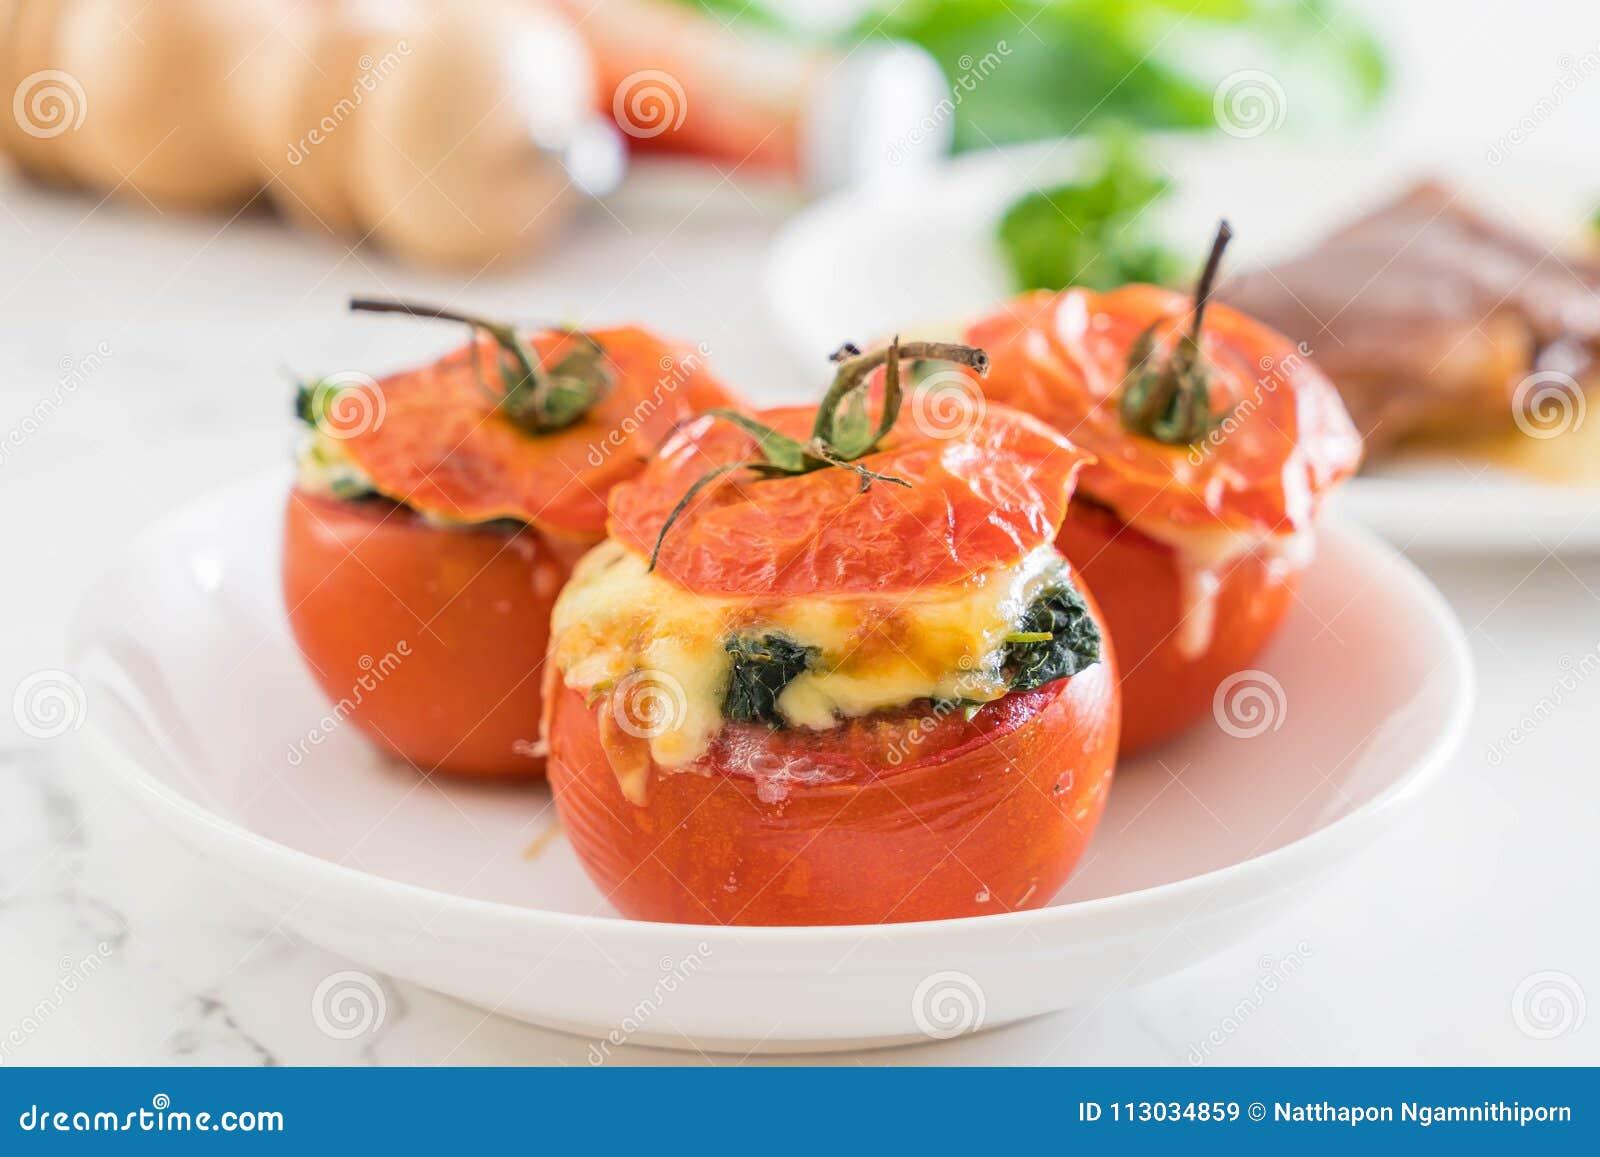 Tomates cocidos rellenos con queso y espinaca